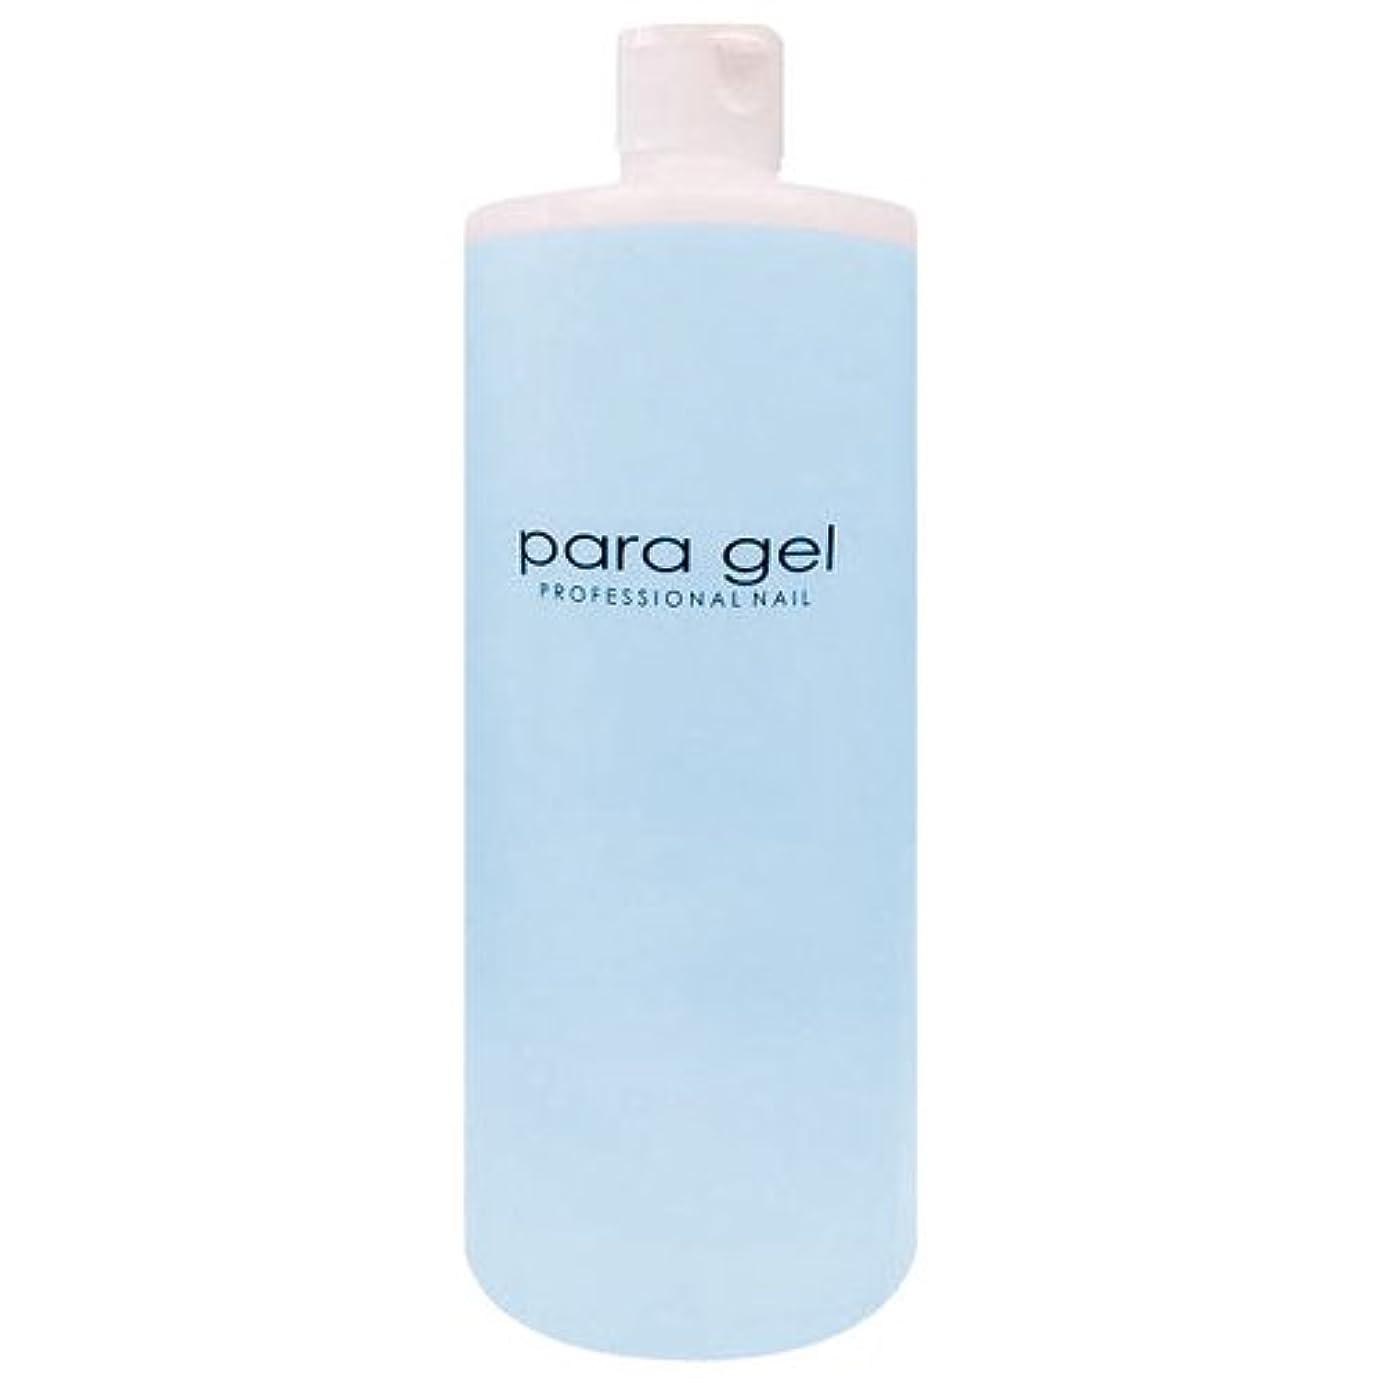 サルベージユニークな信頼できるパラジェル(para gel) パラプレップ 1000ml